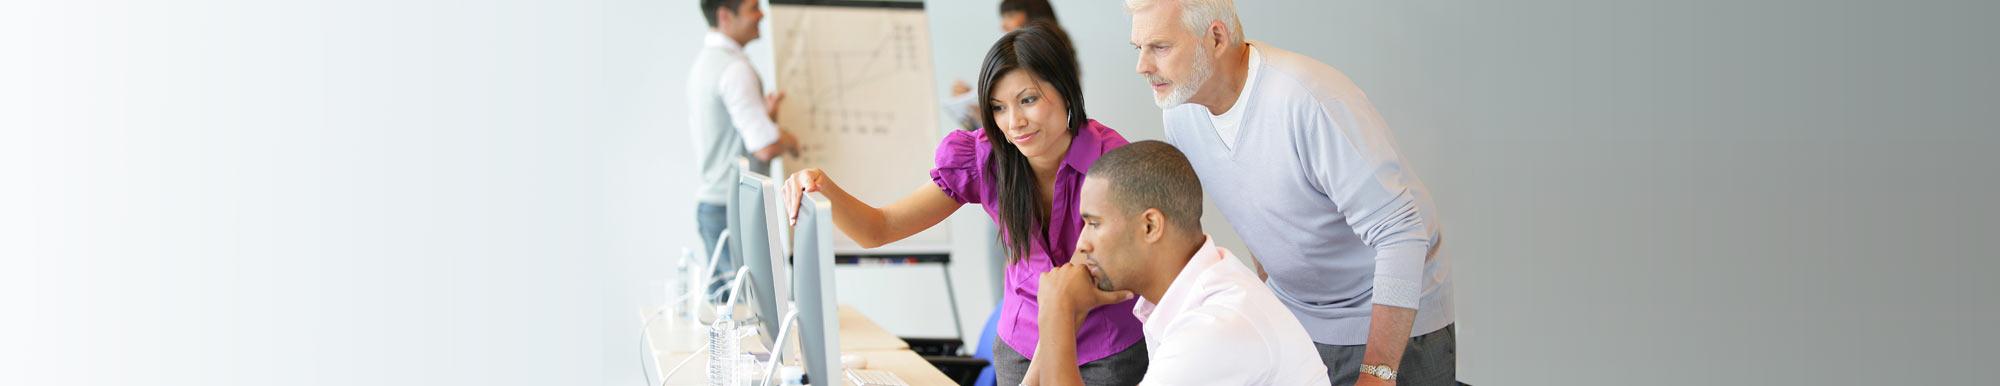 Creators designing courses